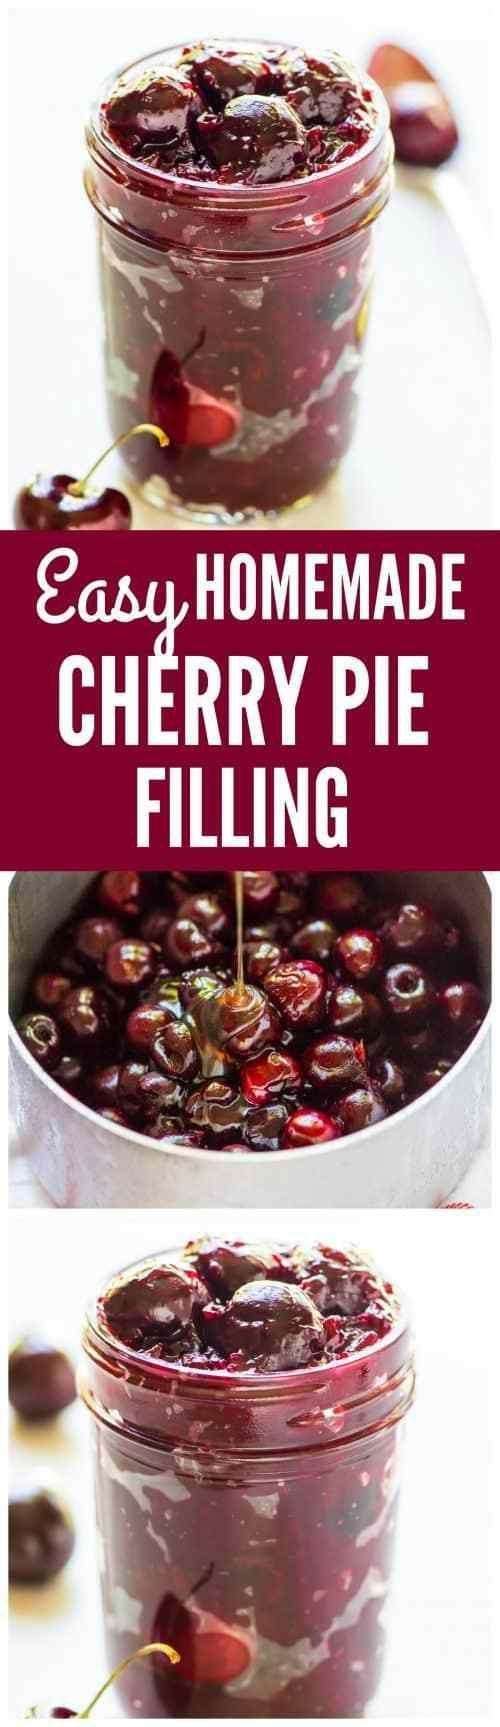 Kein raffinierter Zucker Cherry Pie Fill Rezept | Gut abgedeckt von Erin – Zuckerfrei – …